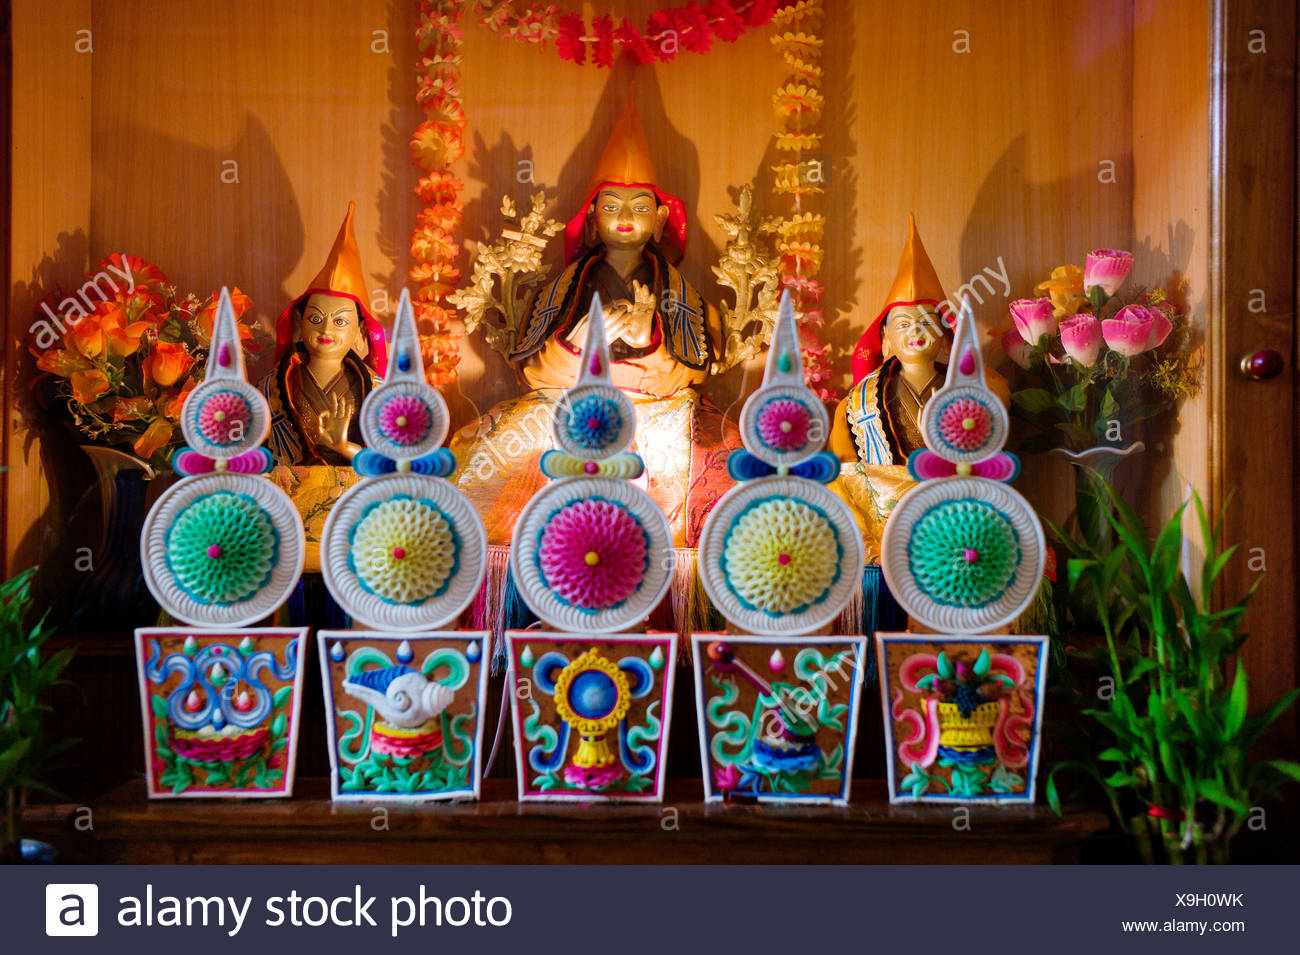 Buda, el monasterio budista tibetano de Gaden Shartse, India, Asia, cultura, religión, simbolos, simbologia religiosa, el templo, campo Foto de stock